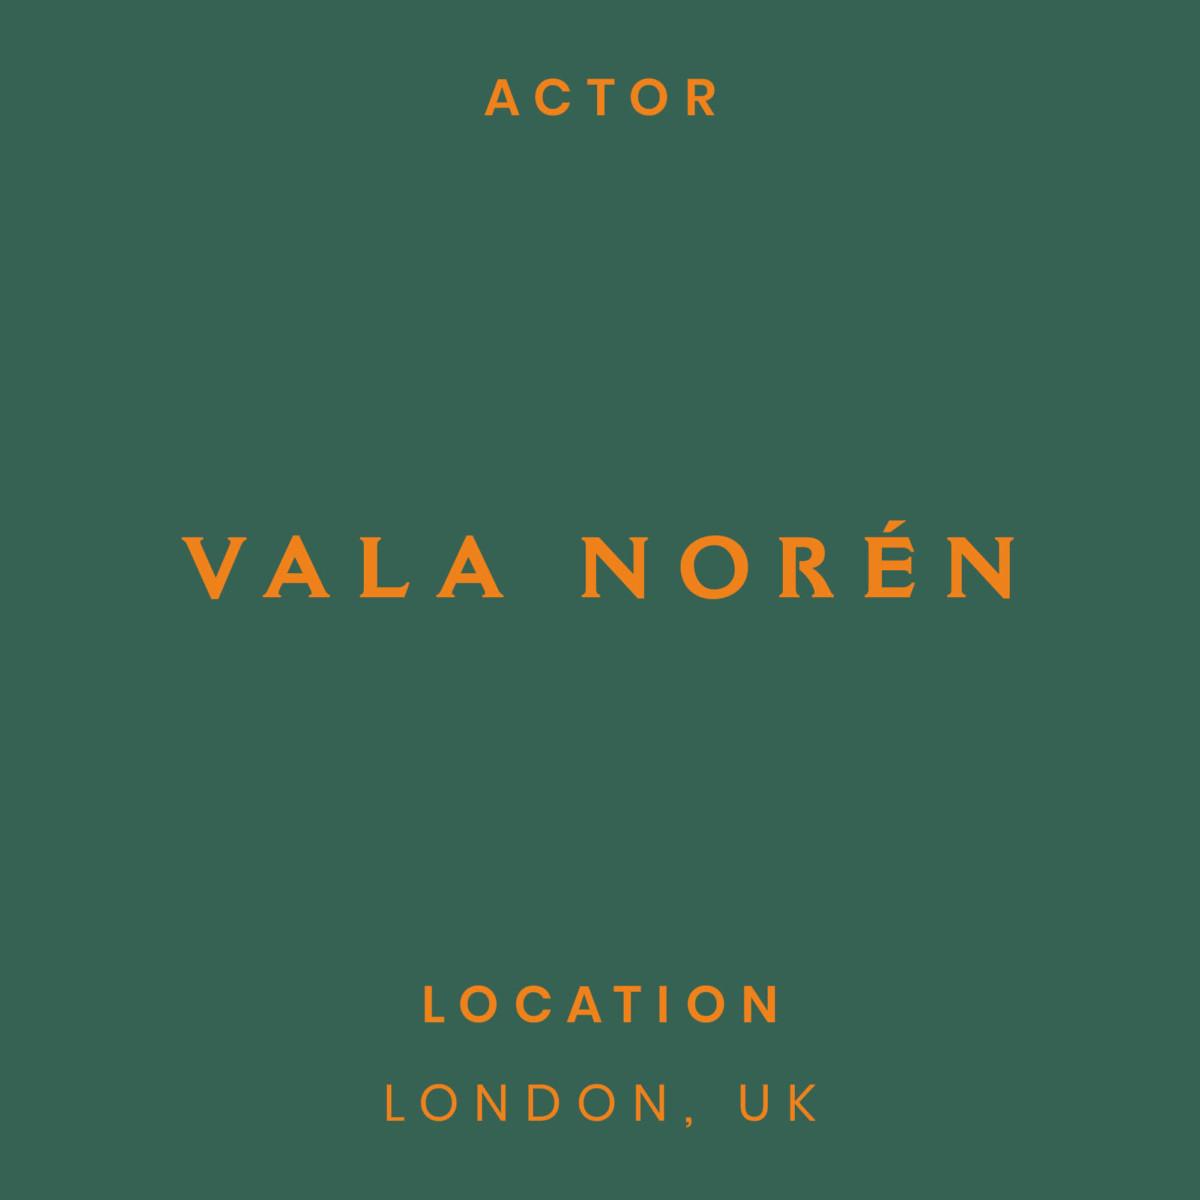 vala noren, London, actor